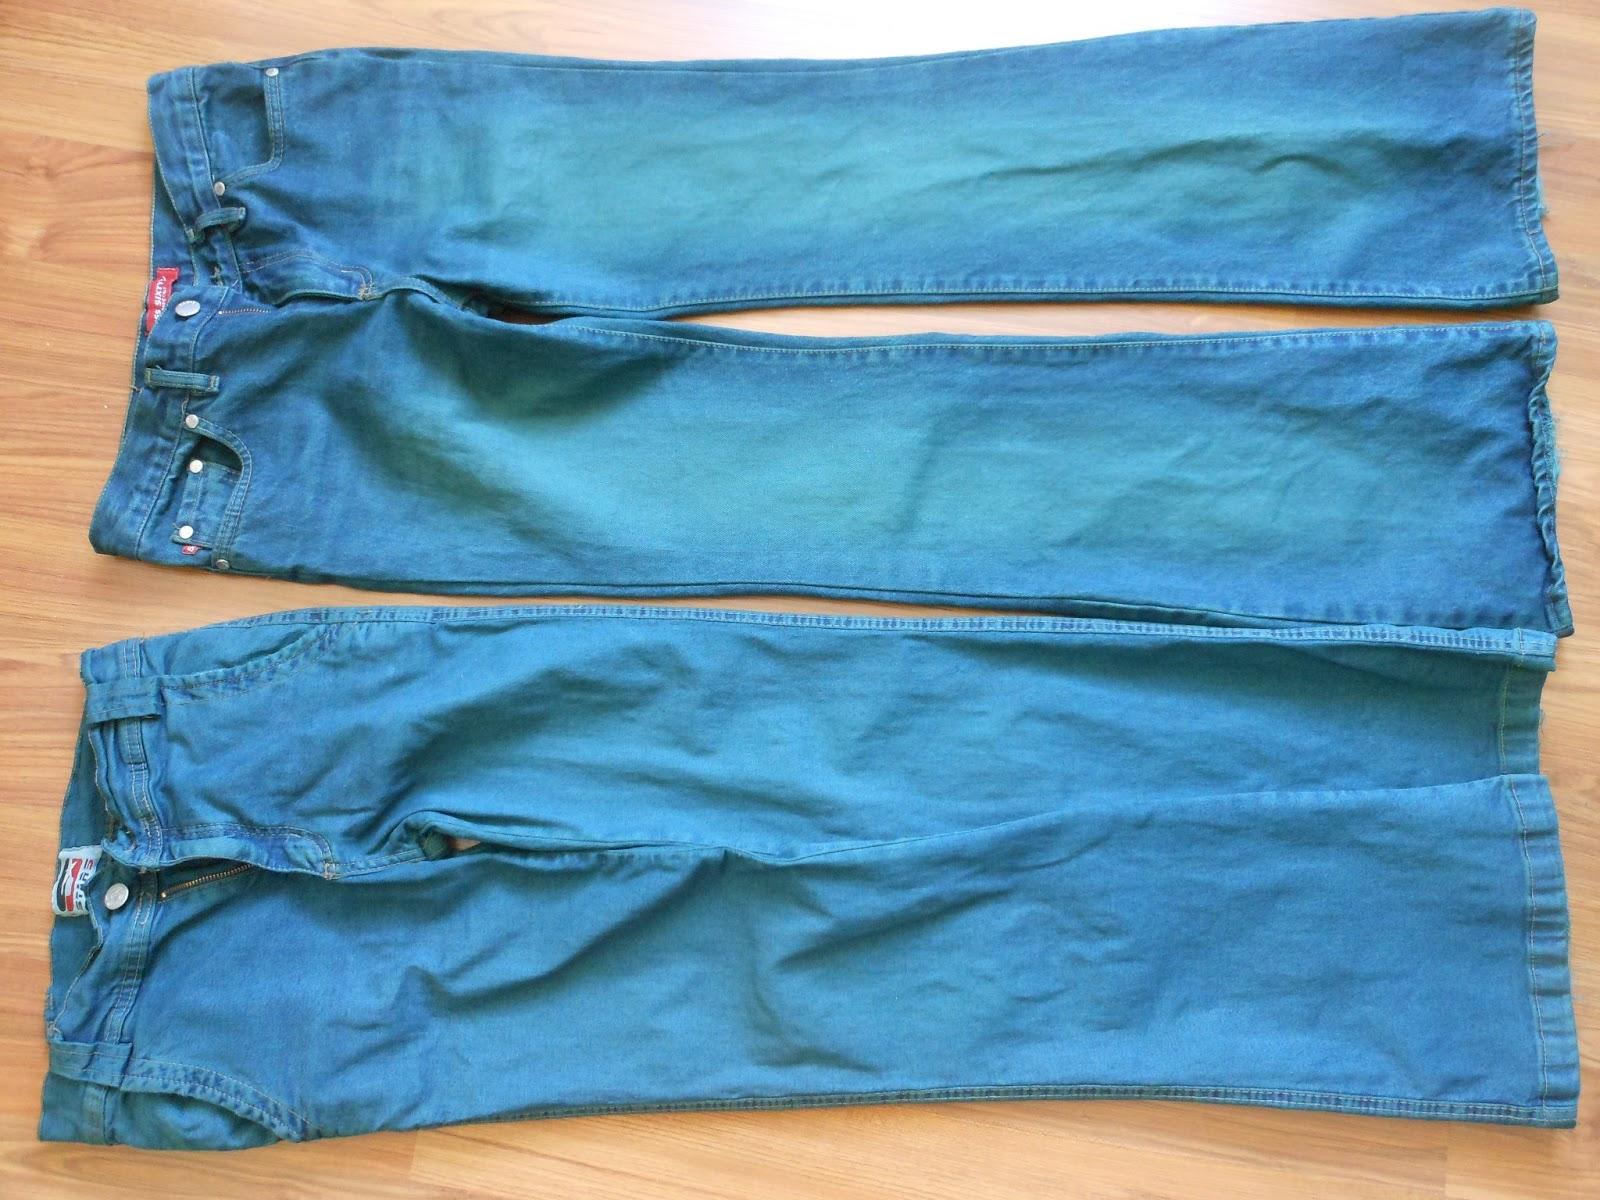 Eski Giysilerinizi Boyayarak Yenileyin